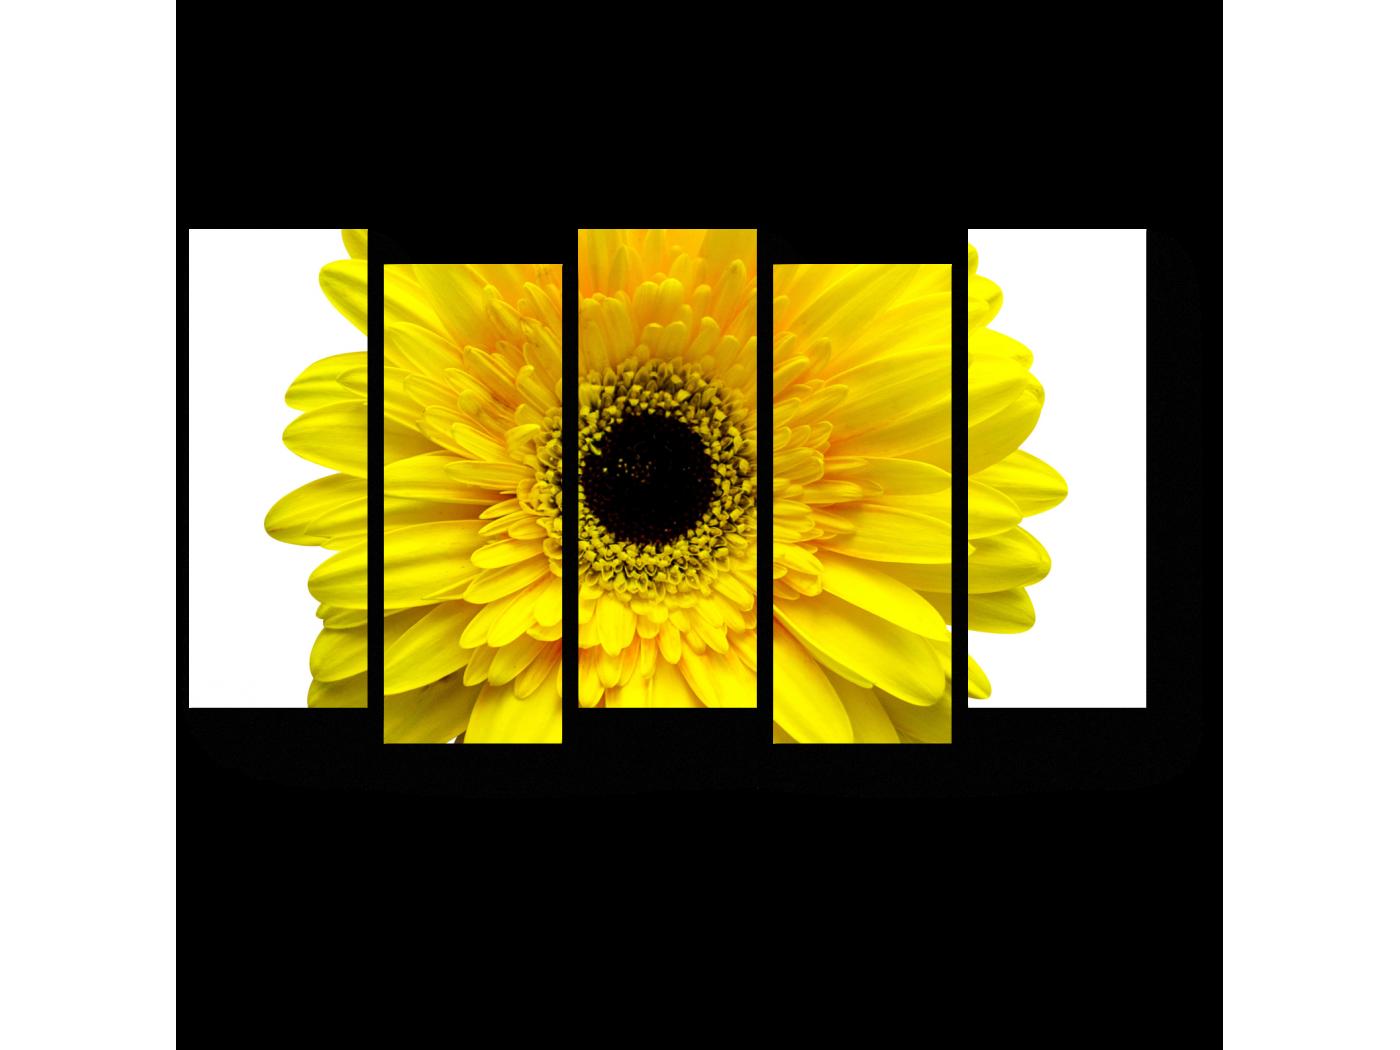 Модульная картина Солнечная гербера (90x52) фото